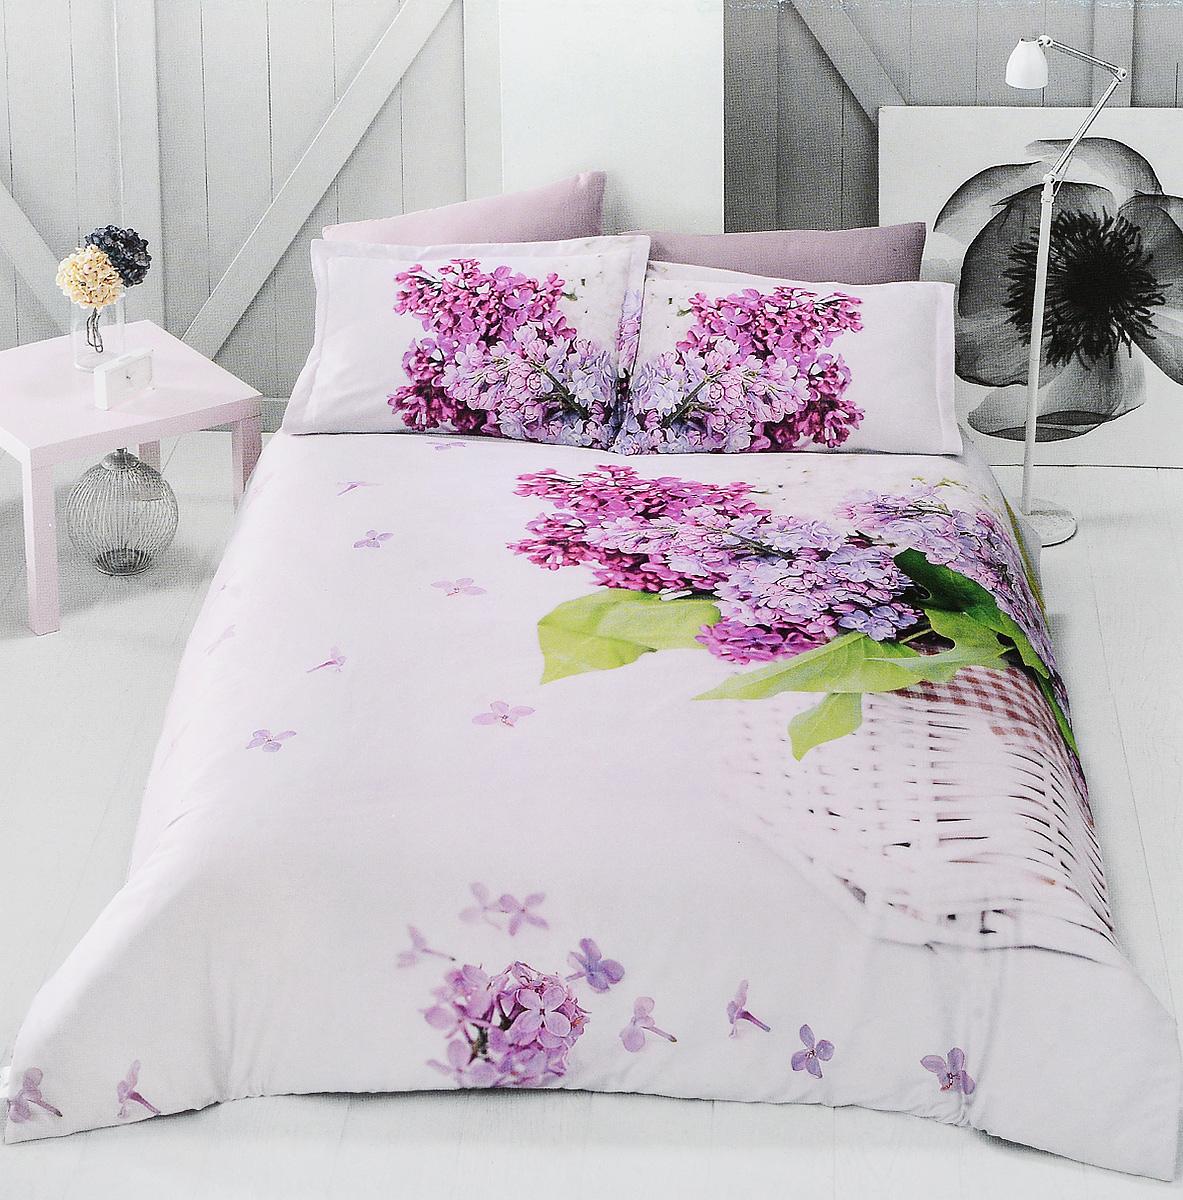 Комплект белья Clasy Lilac, евро, наволочки 50х70, цвет: розовый, фуксия98299571Комплект постельного белья Clasy Lilac состоит из пододеяльника на пуговицах, простыни и 4 наволочек (2 стандартные и 2 с ушками). Изделия выполнены из сатина (100% хлопок). Ткань гладкая и имеет ровный матовый блеск. Секрет заключается в особенно плотном сатиновом переплетении. Несмотря на особую плотность, это постельное белье очень мягкое, спать на нем уютно и тепло. Ткань обладает отличными гигиеническими свойствами - гигроскопичностью, воздухопроницаемостью и гипоаллергенностью. Краска на сатине держится очень хорошо, новое белье не полиняет и со временем не станет выцветать. Такой комплект прослужит дольше любого другого хлопкового белья. Благодаря диагональному пересечению нитей ткань почти не мнется. В производстве белья используются только качественные безопасные импортные красители, которые не содержат вредных химических веществ и позволяют сохранить яркость красок после многократных стирок. Белье упаковано в подарочную картонную коробку.